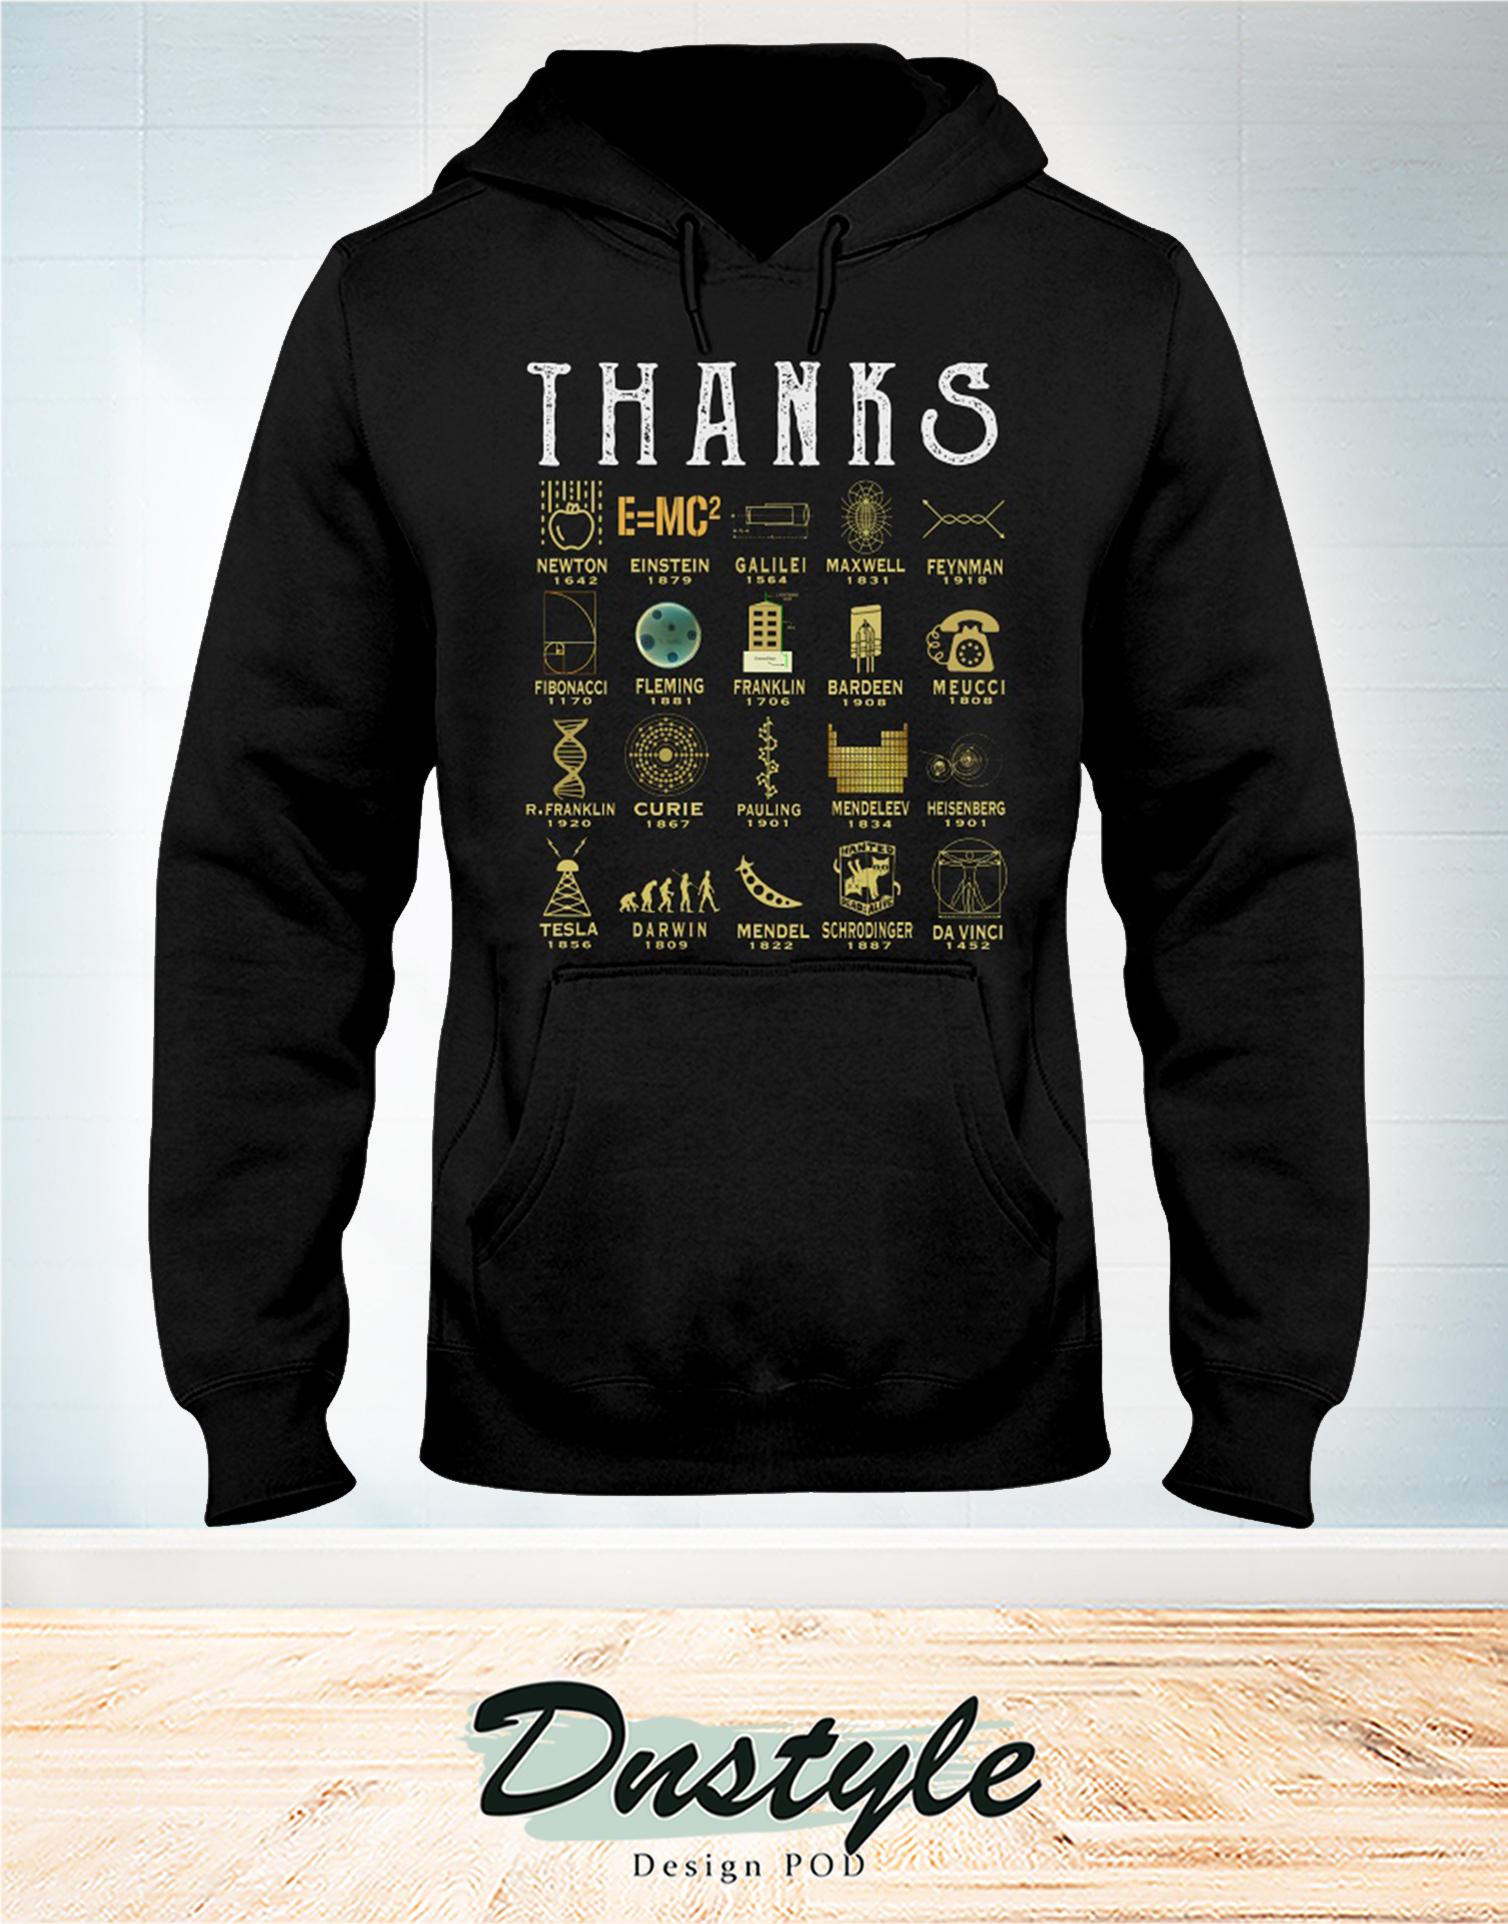 Thanks science newton einstein galilei maxwell hoodie